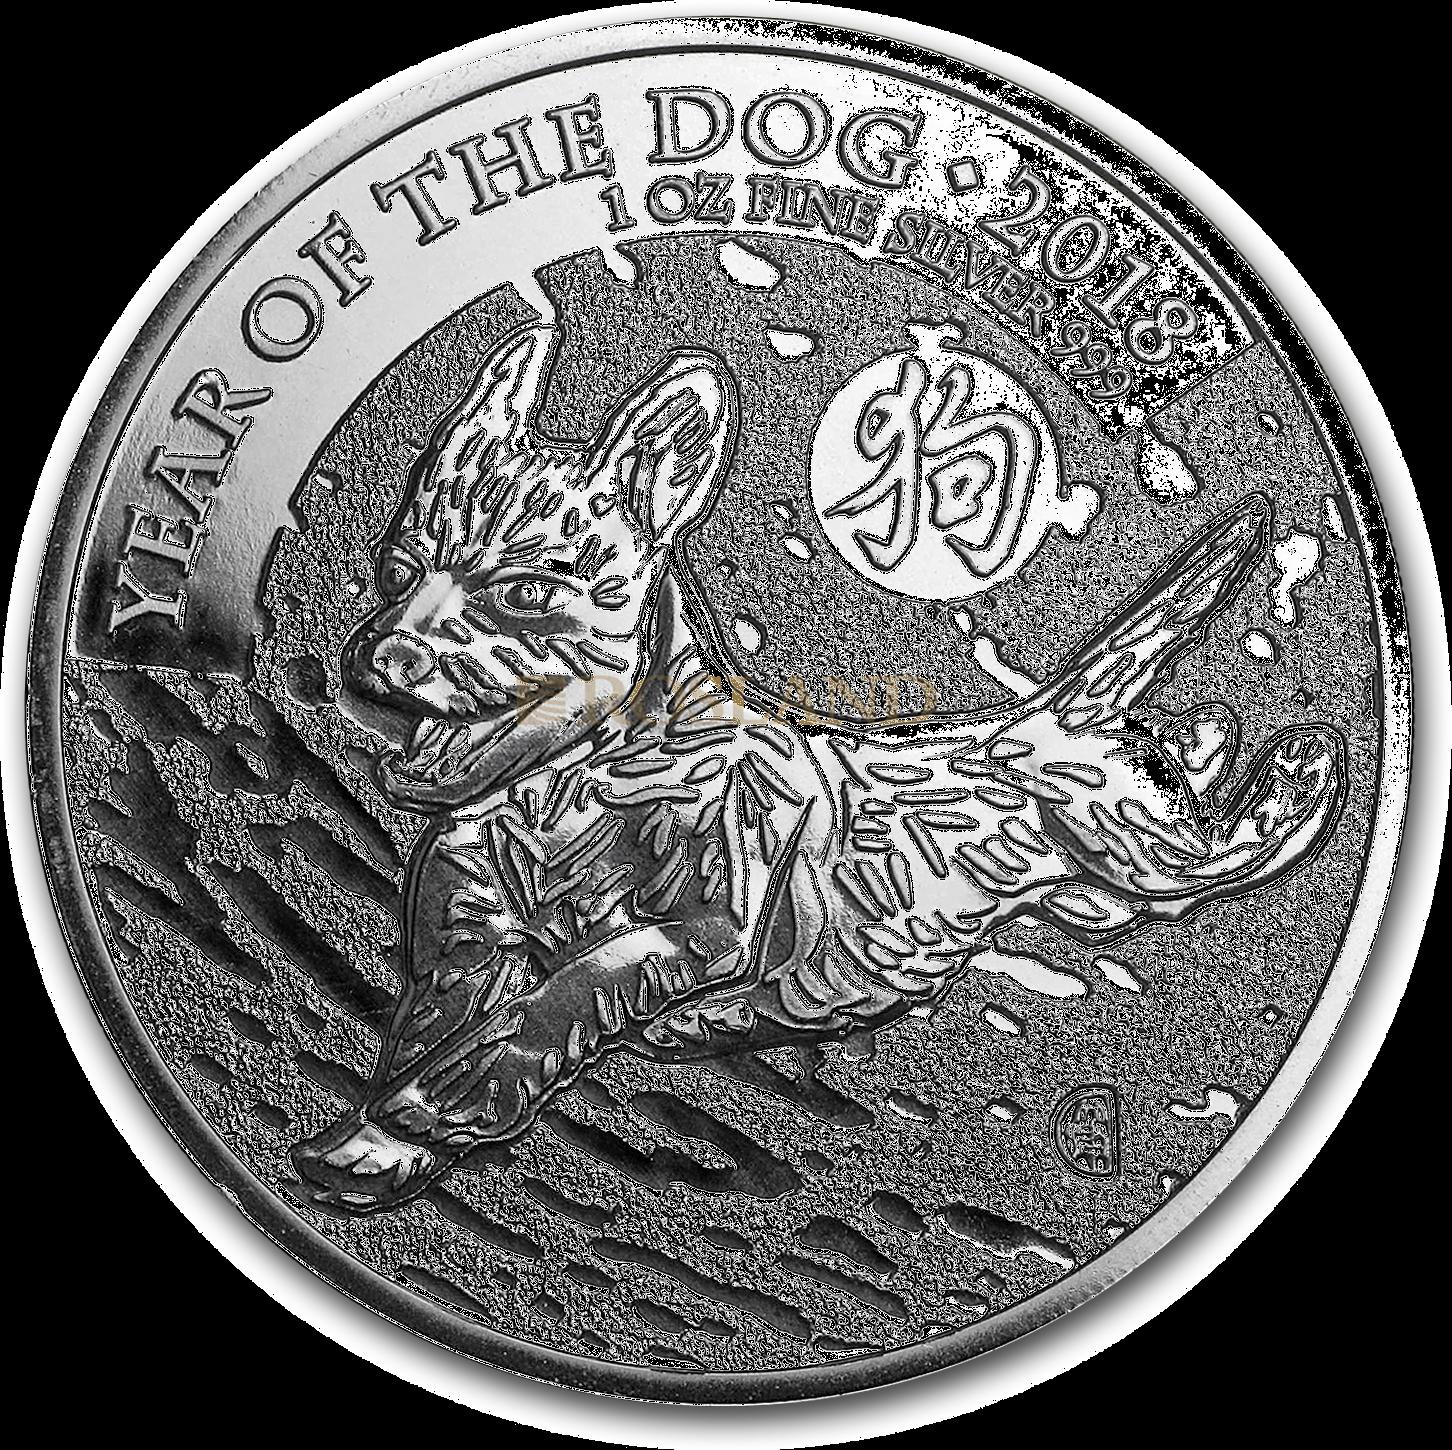 1 Unze Silbermünze Great Britain Jahr des Hundes 2018